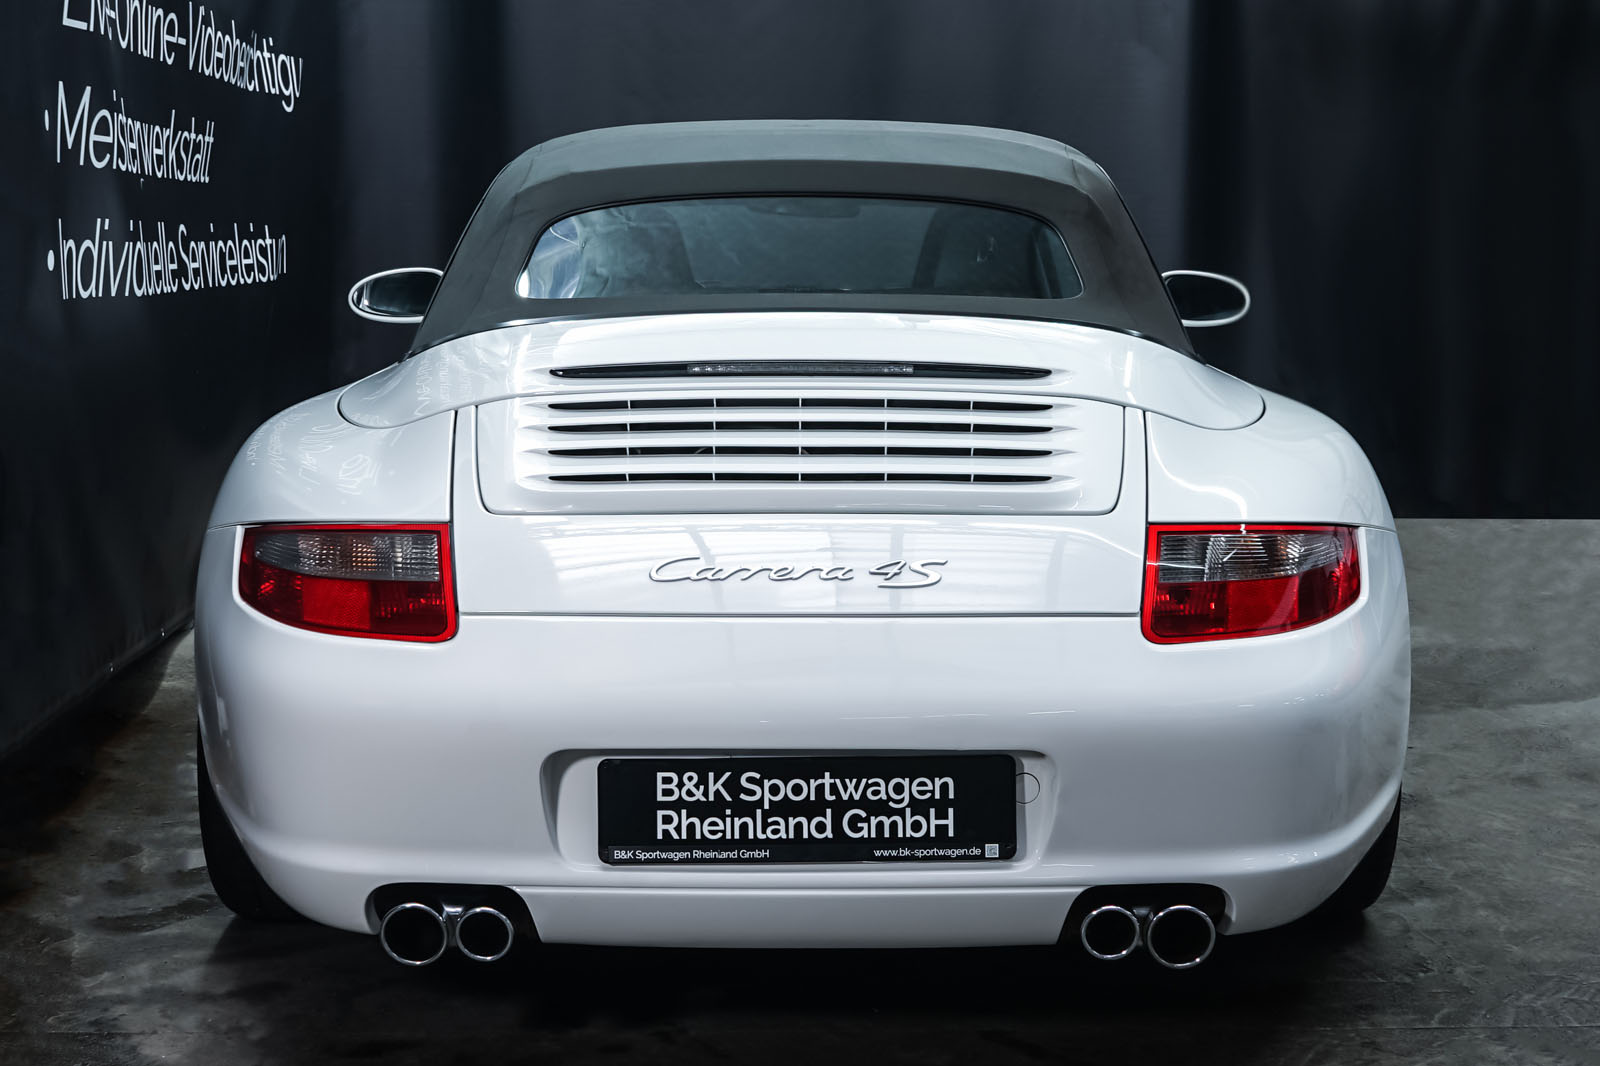 Porsche_997_C4S_Cabrio_Weiß_Braun_POR-4557_23_w